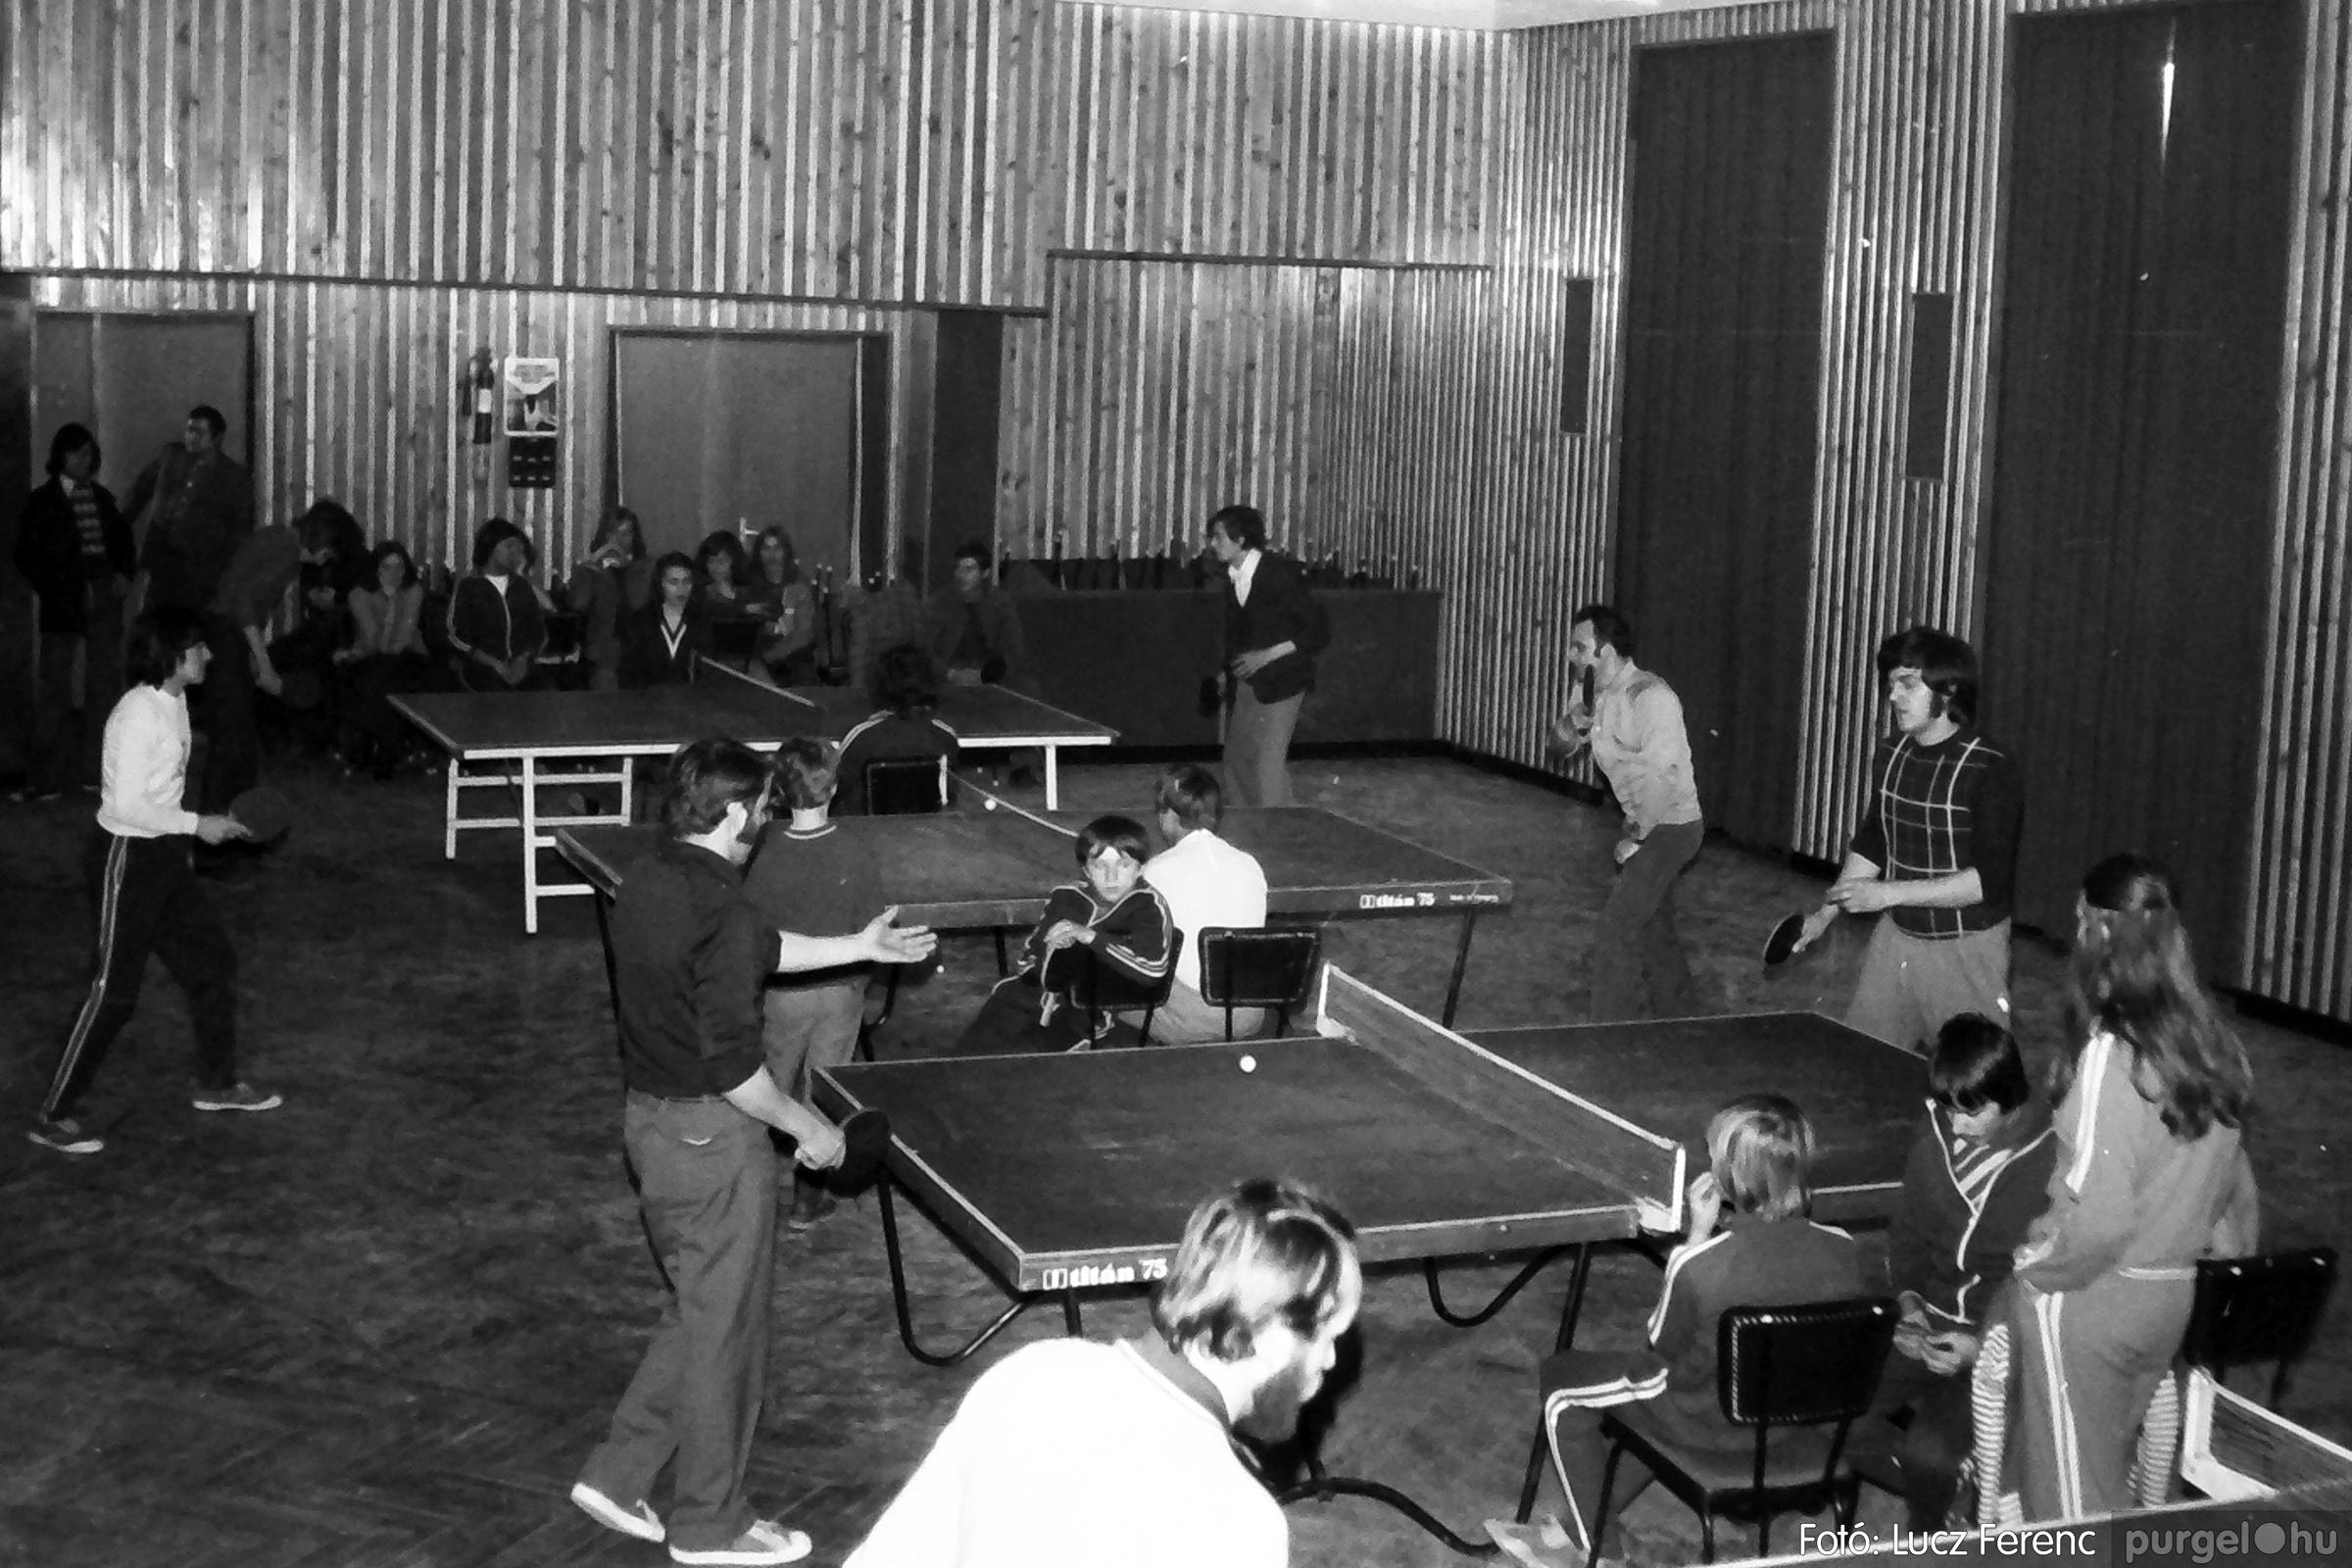 073. 1977. Asztaltenisz verseny 011. - Fotó: Lucz Ferenc.jpg